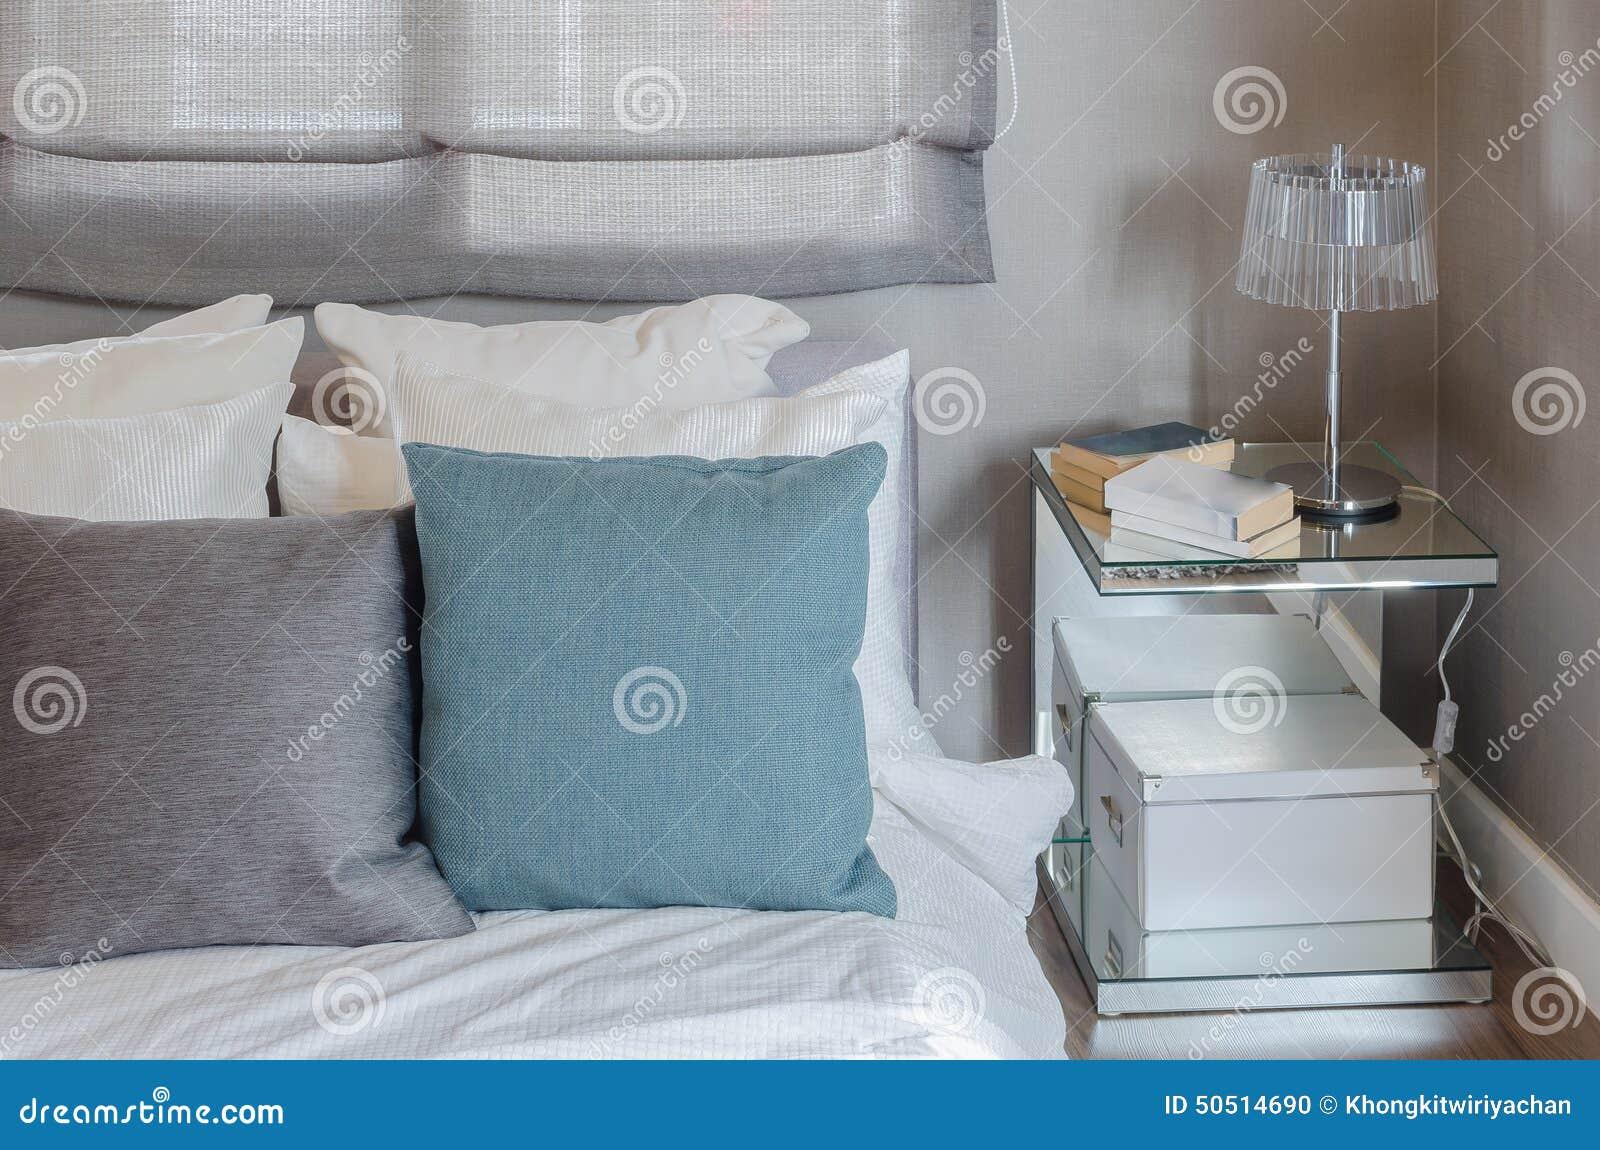 Camera Da Letto Bianco E Grigio : Cuscino grigio e verde sul letto bianco in camera da letto moderna